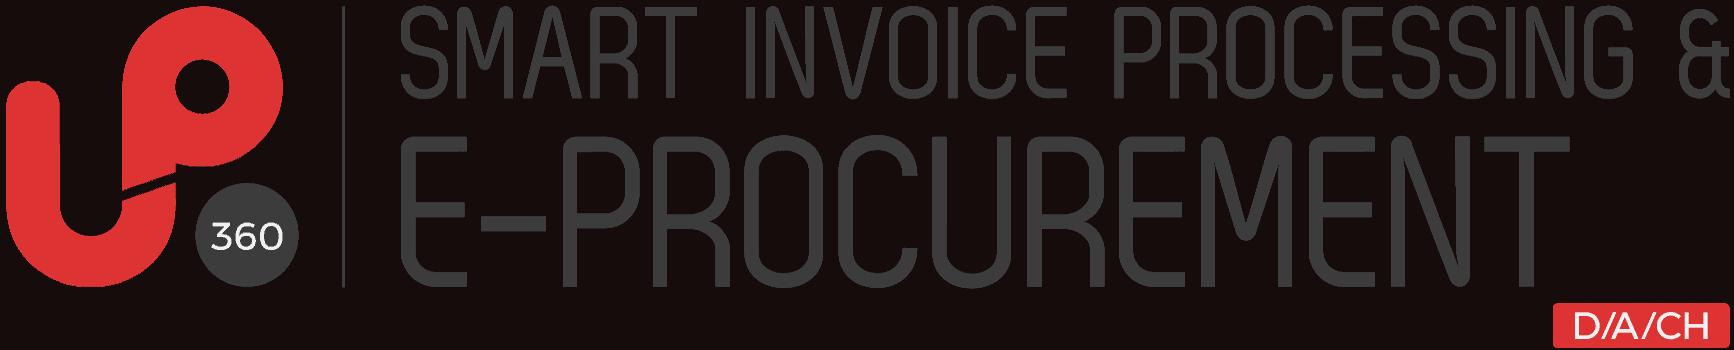 Smart-Invoice-Processinge-Procurement-DACH_pos-1